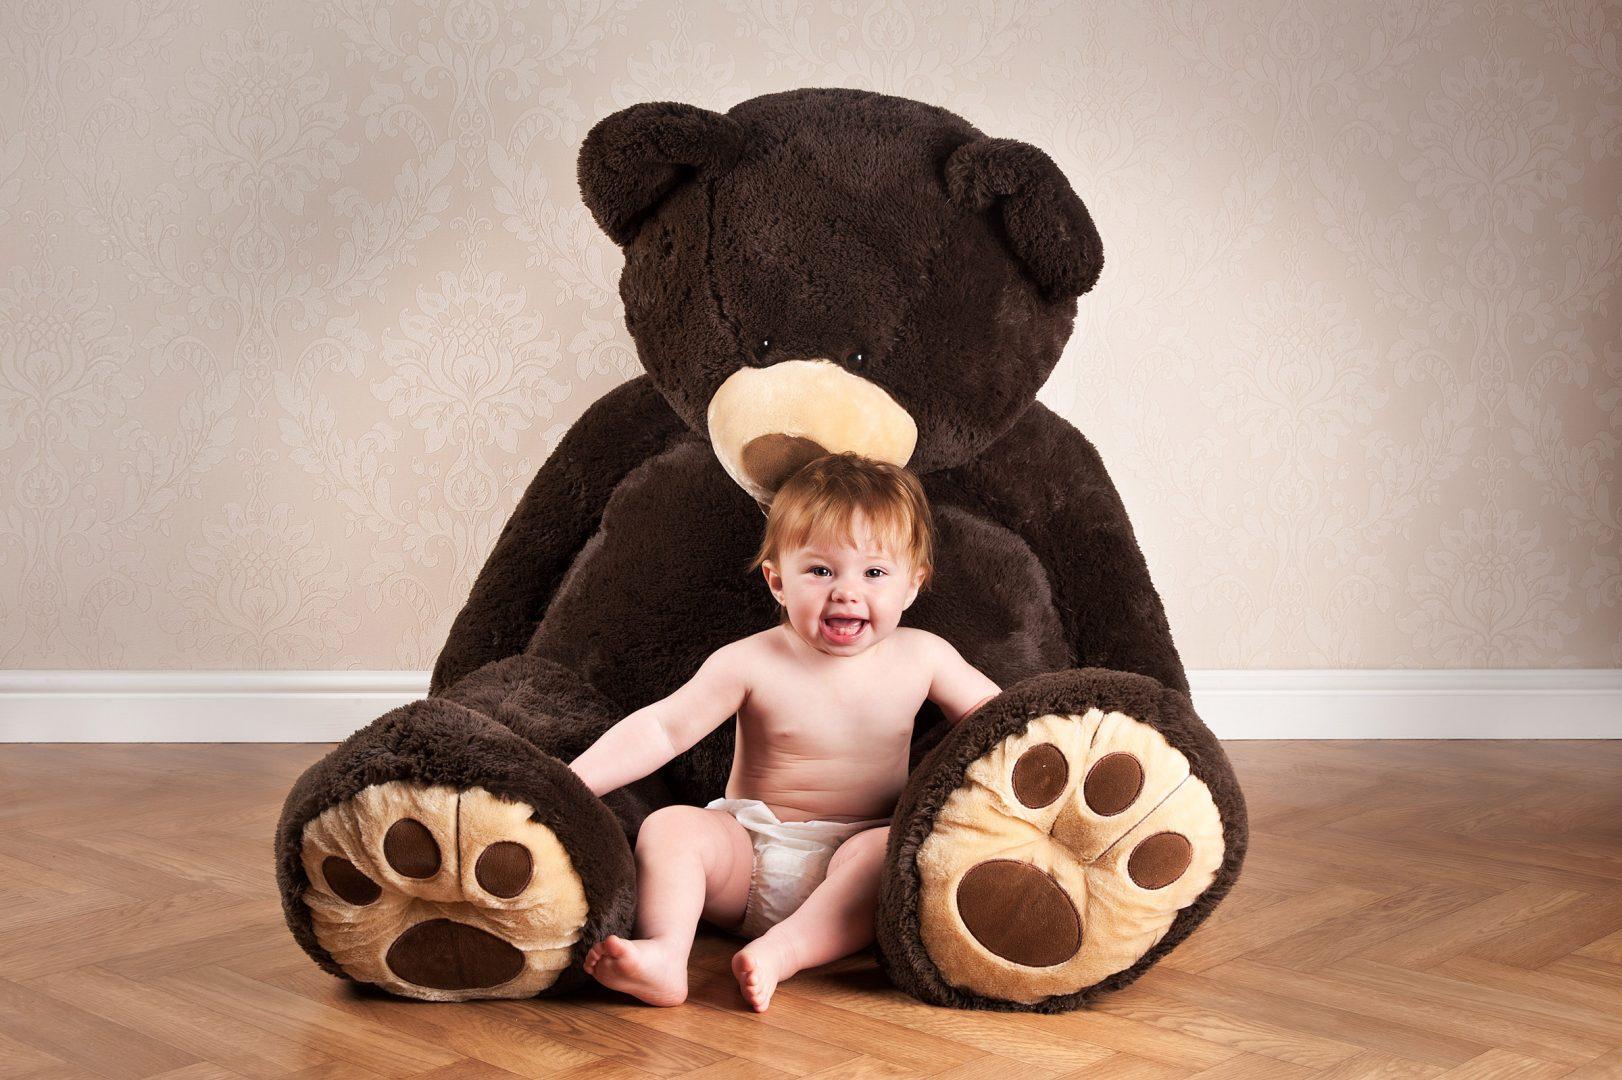 Baby Photographer Warrington - Cheshire Cherubs Photography